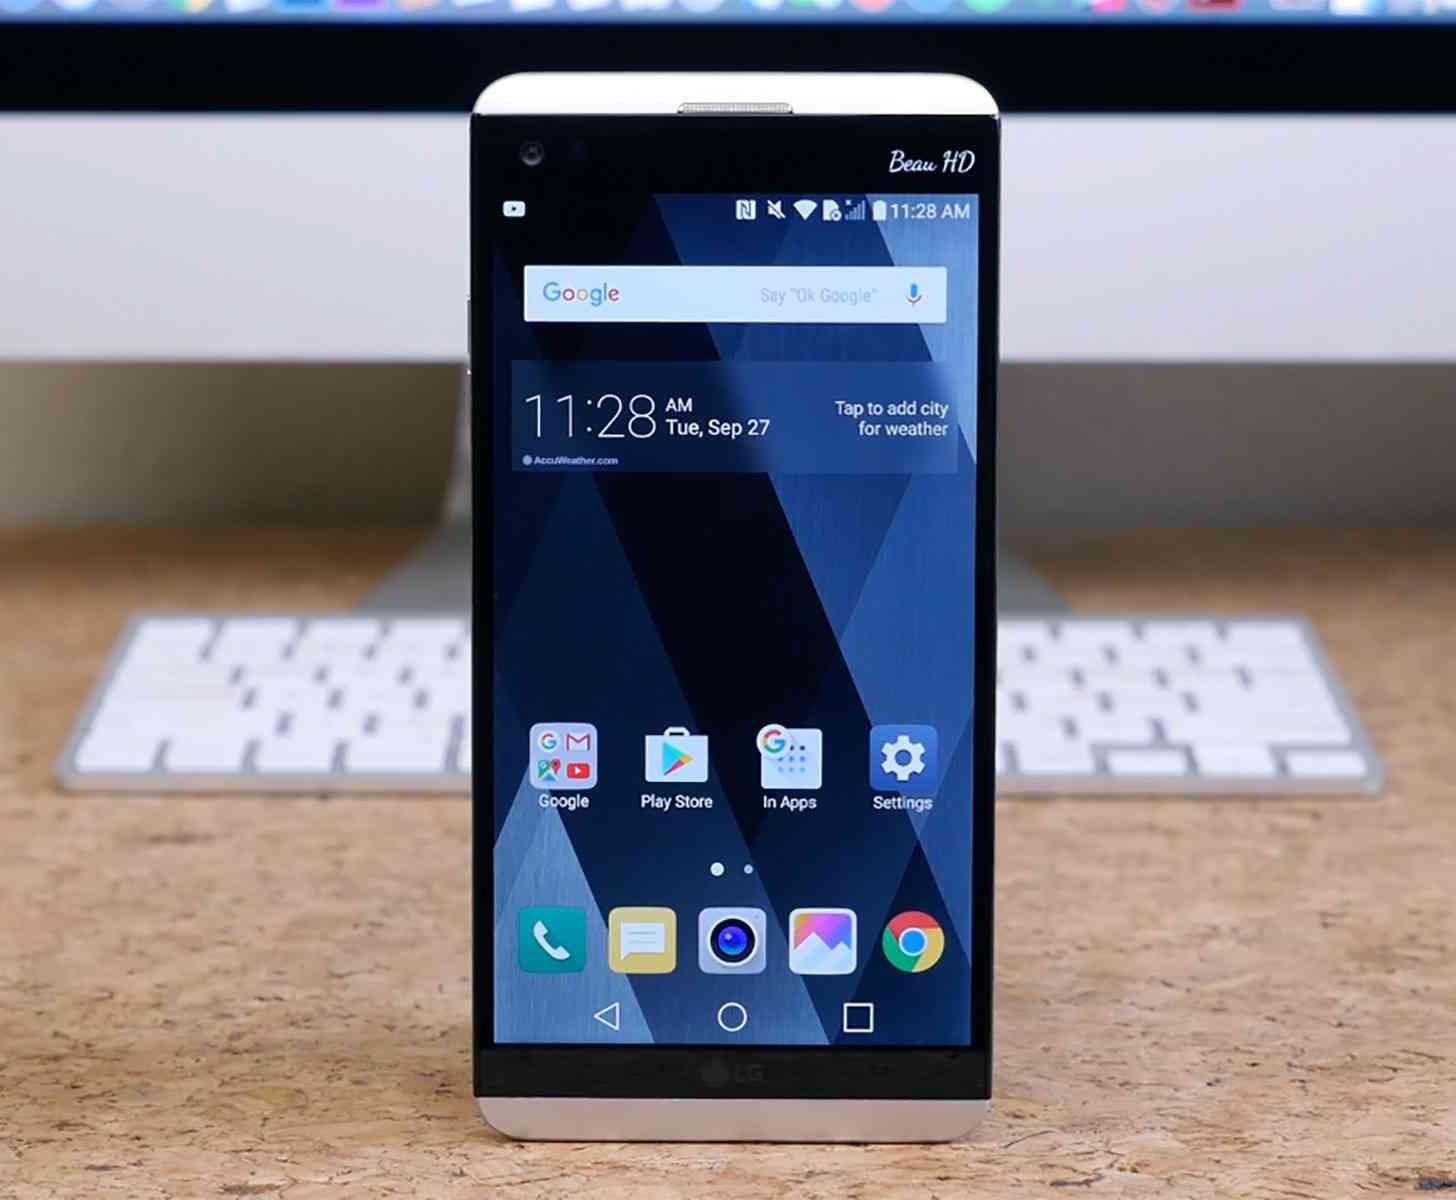 LG V20 hands-on video